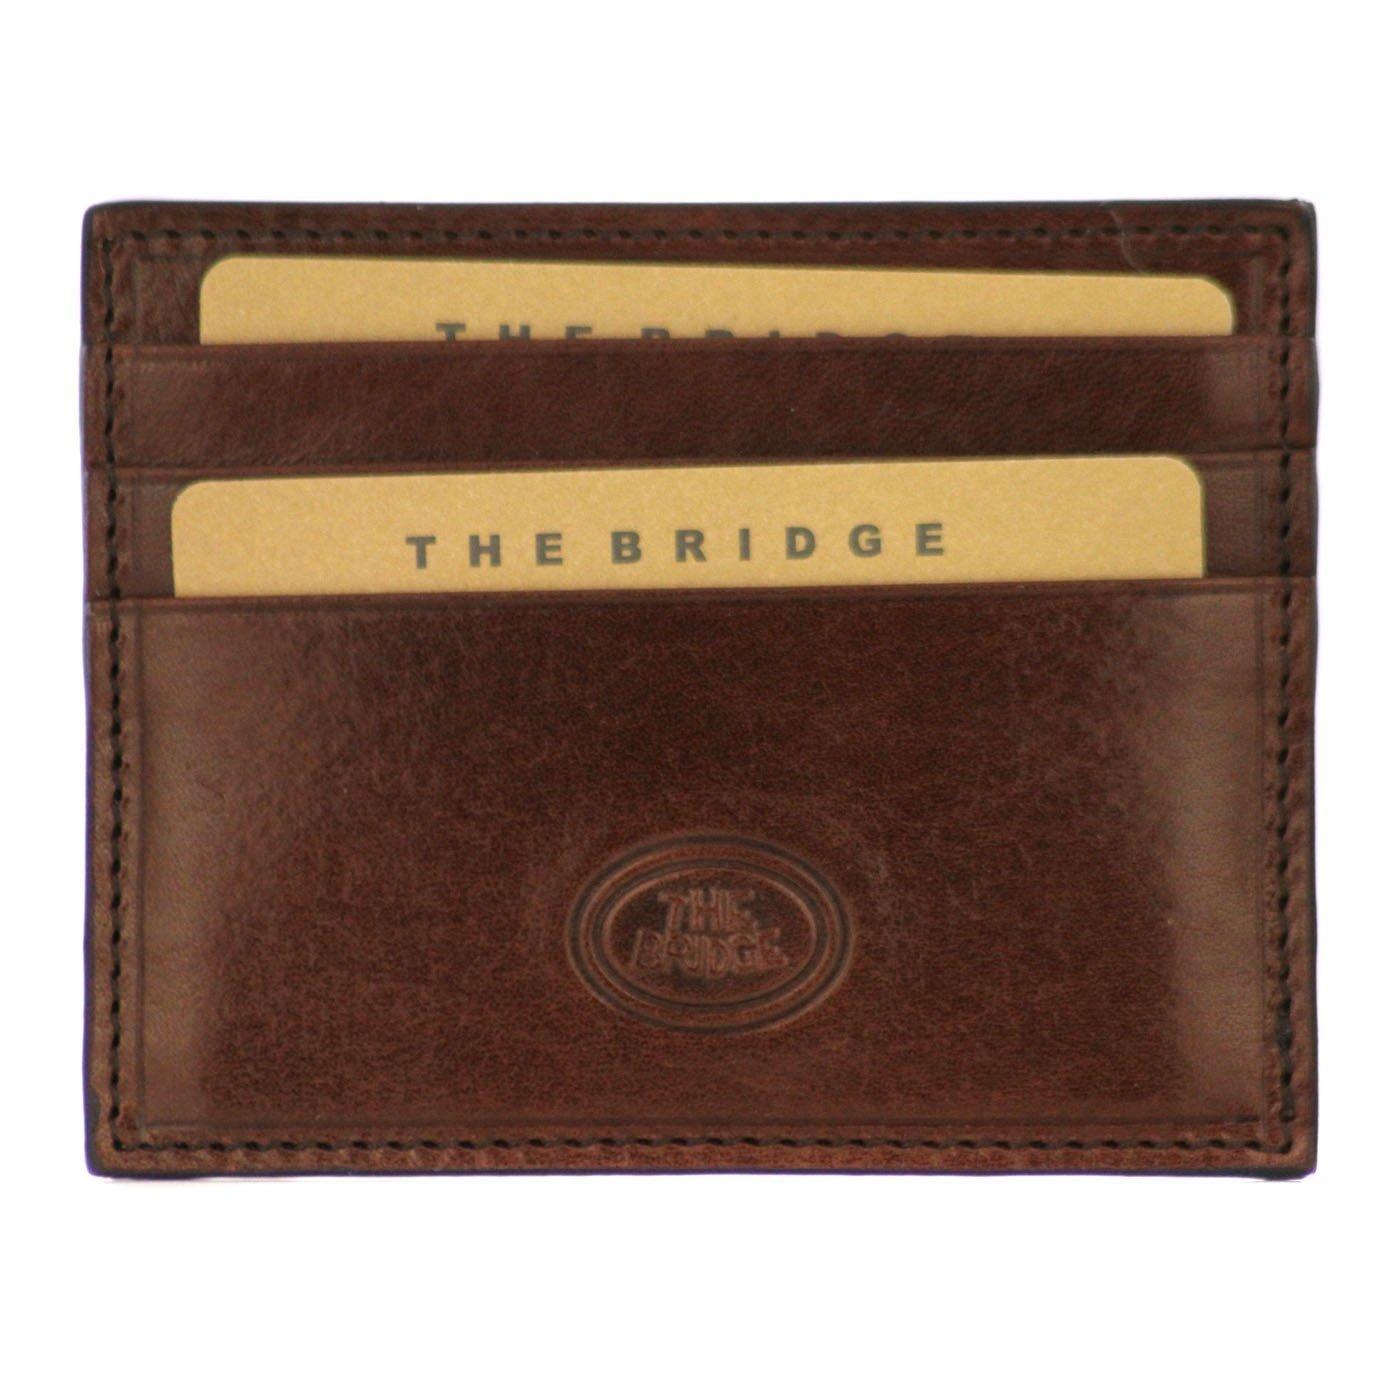 MarronBagages The Crédit 01221101 14 Bridge Porte De Carte O8n0PXwk